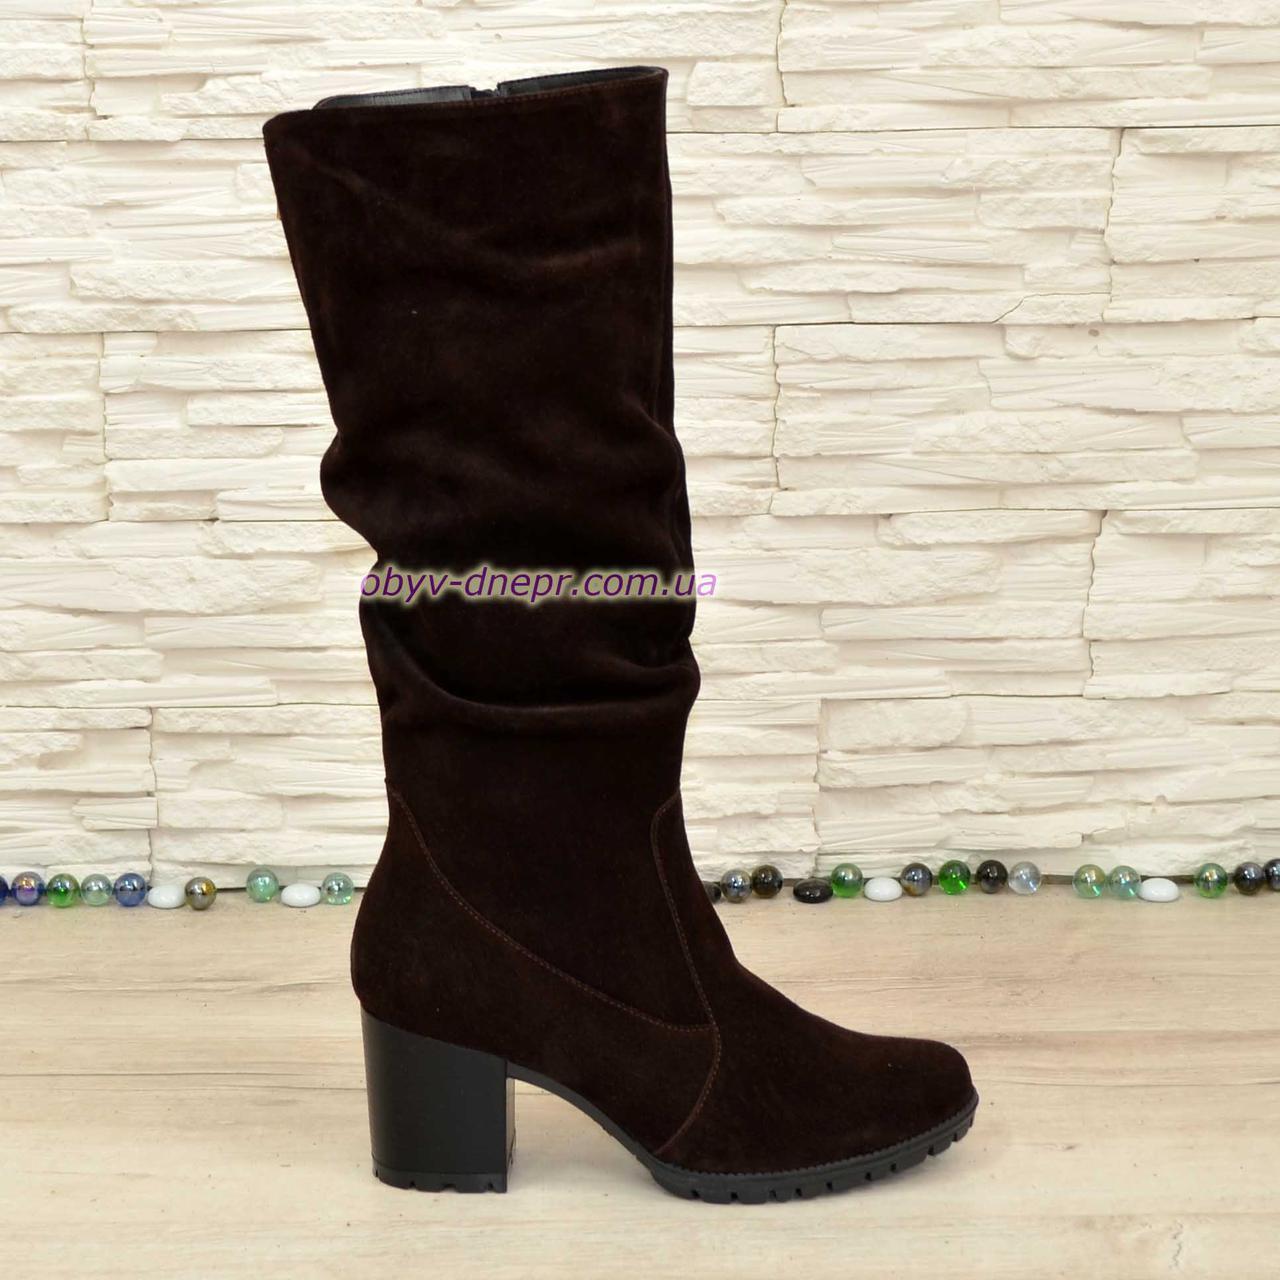 Сапоги женские зимние коричневые замшевые на устойчивом каблуке